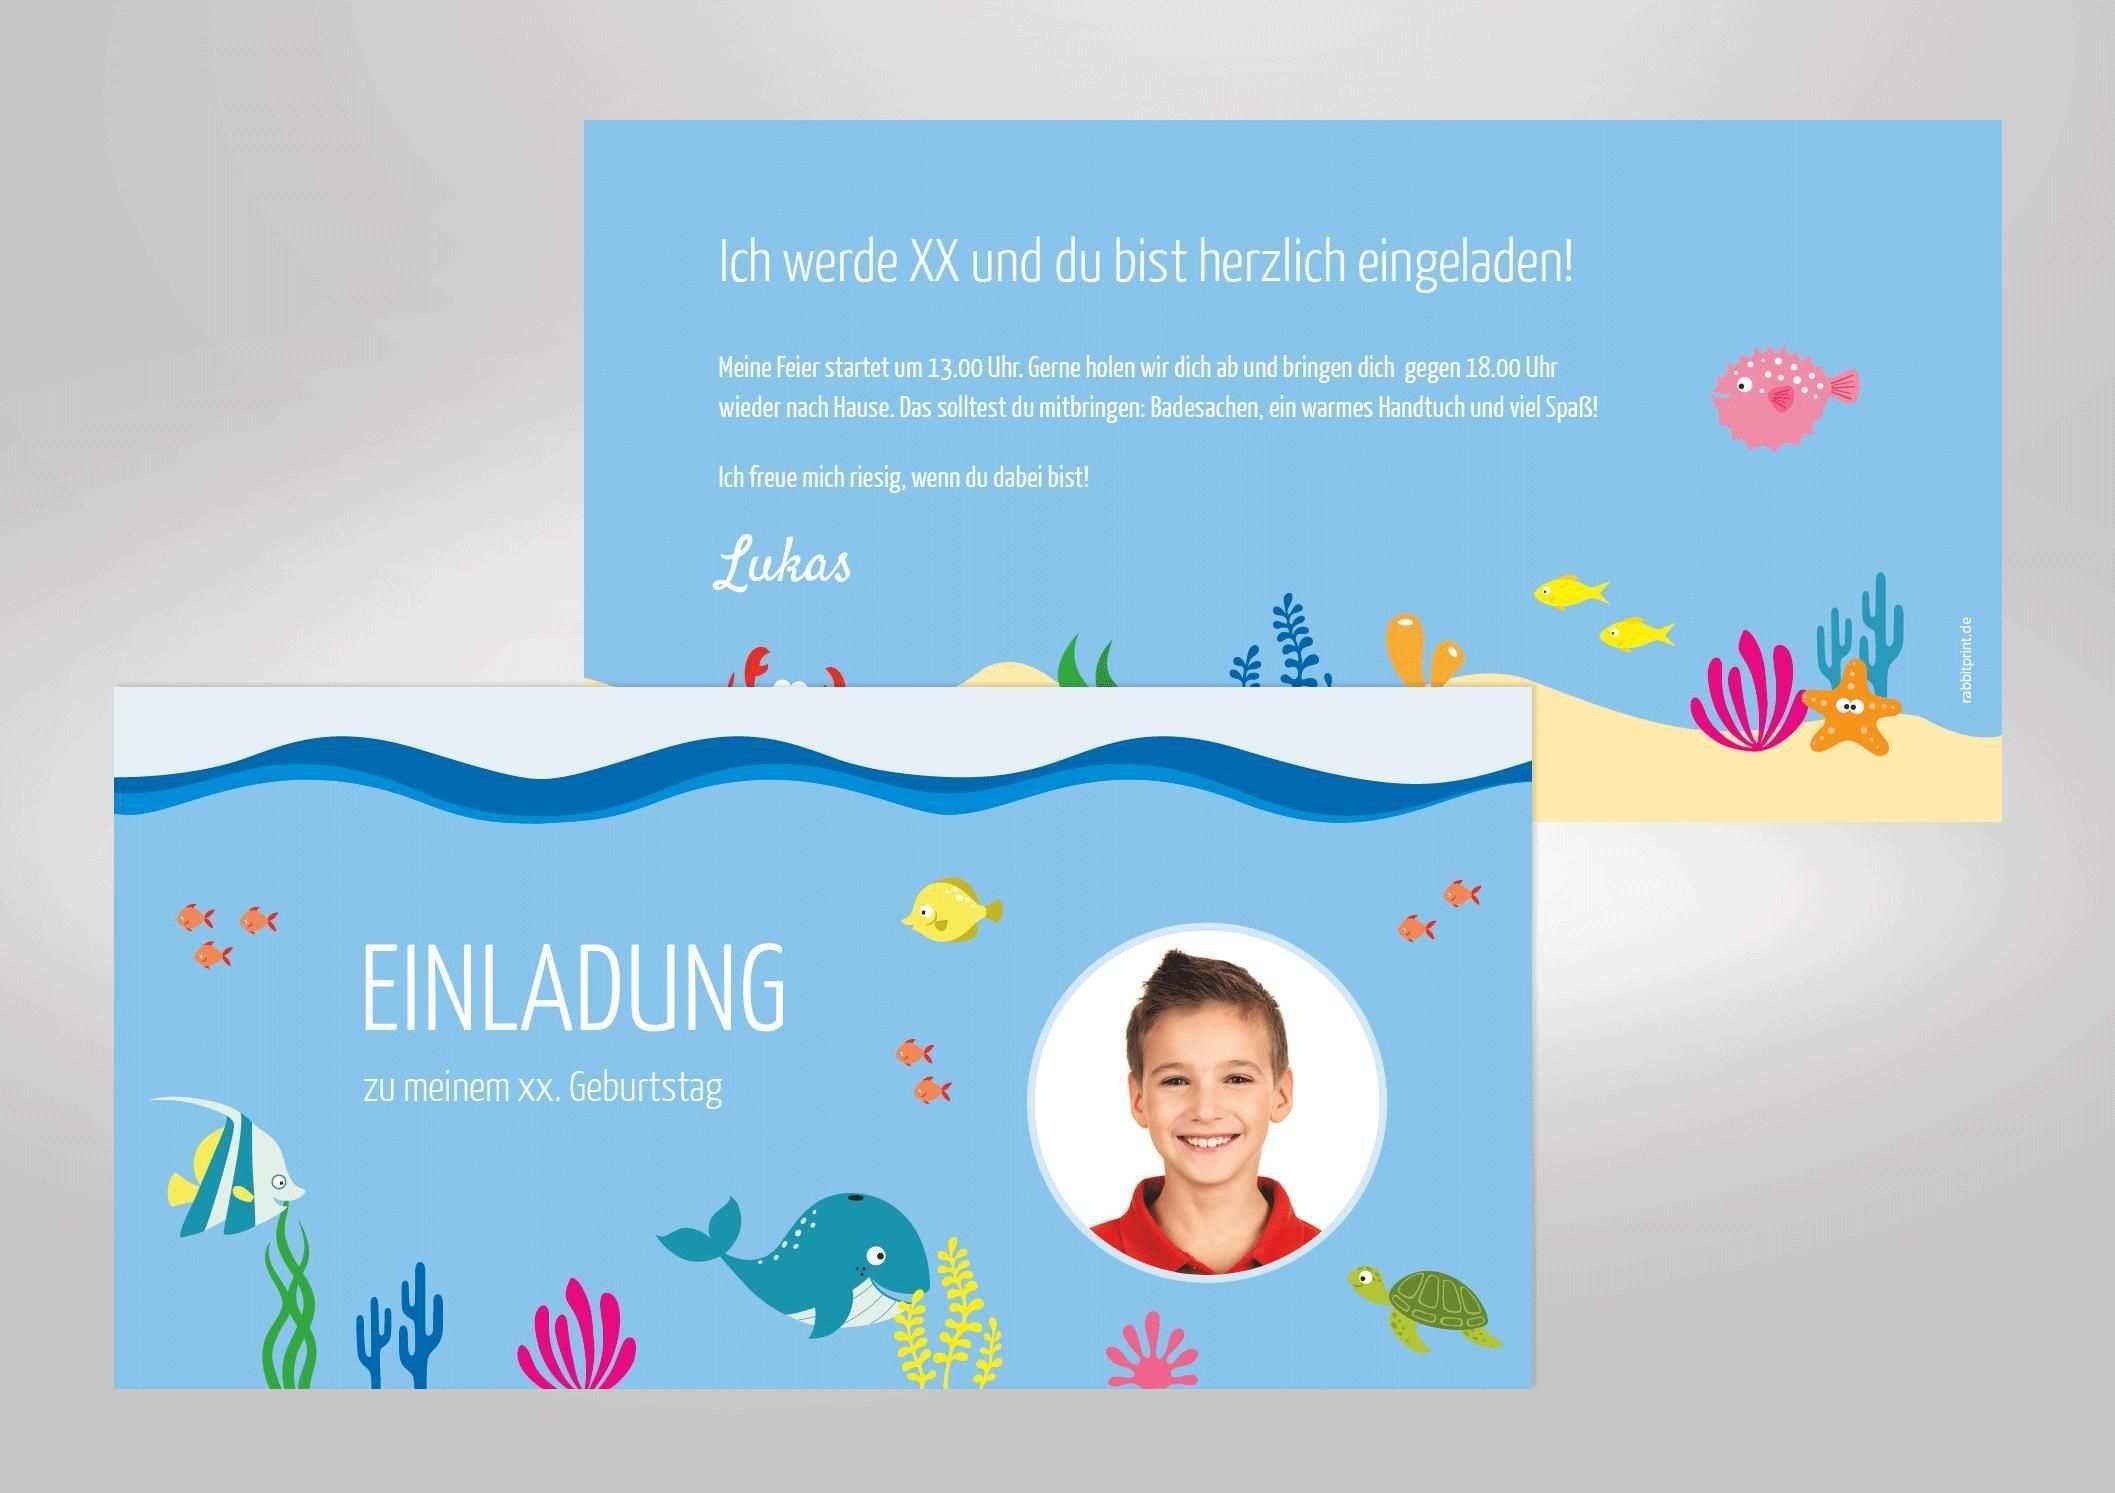 Einladung Kindergeburtstag Schwimmbad Vorlagen Kostenlos Einladung Kindergeburtstag Vorlage Einladung Kindergeburtstag Einladung Geburtstag